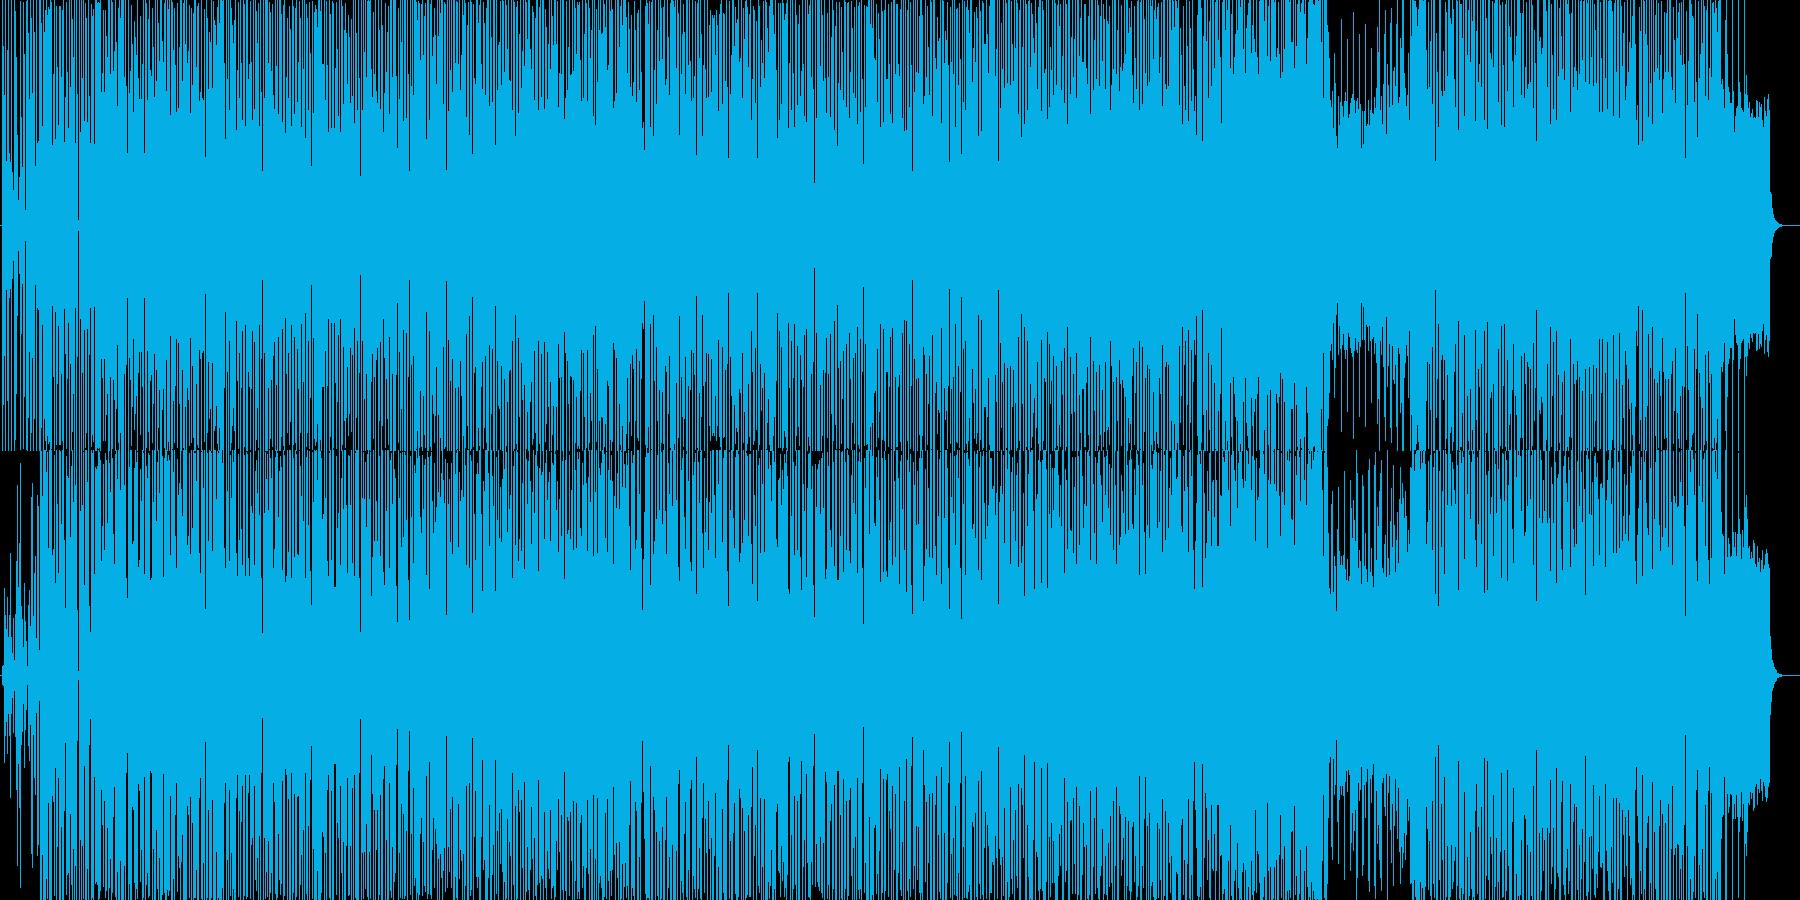 ユーロビート風のゆったりとしたポップスの再生済みの波形